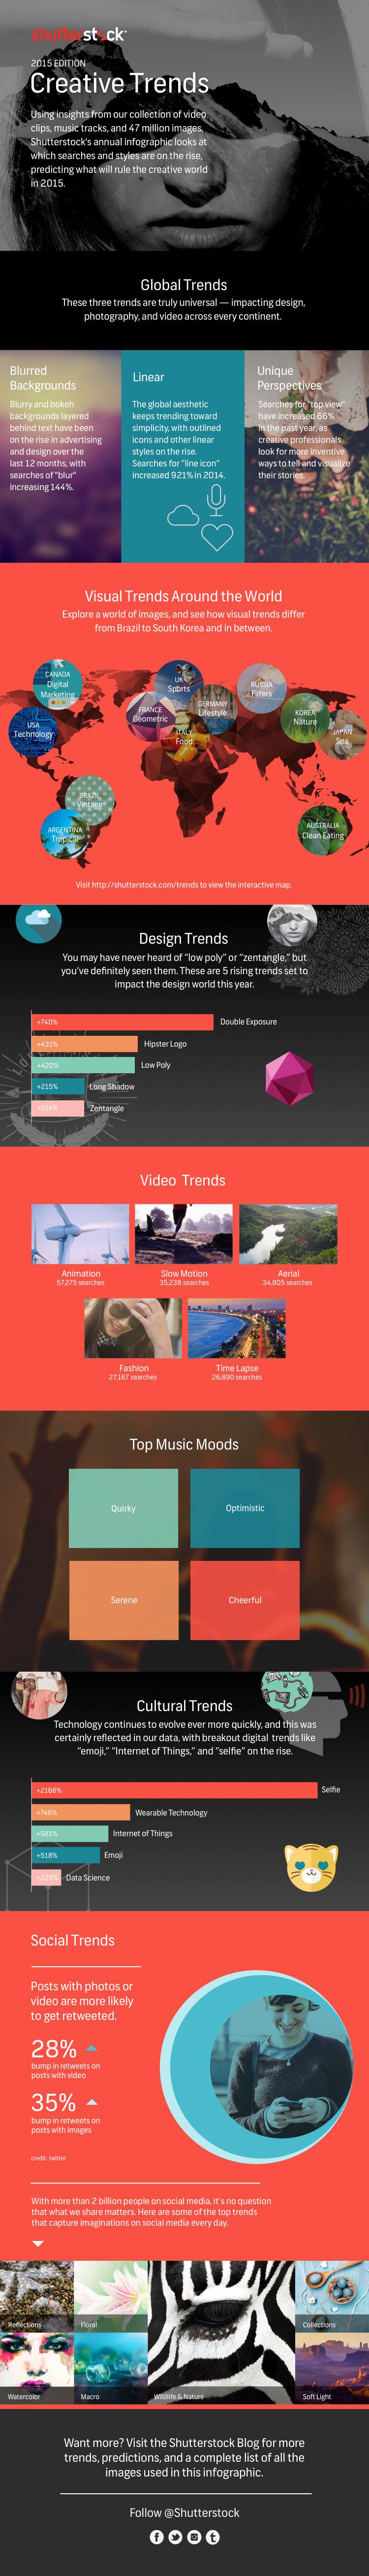 shutterstock_image_trends